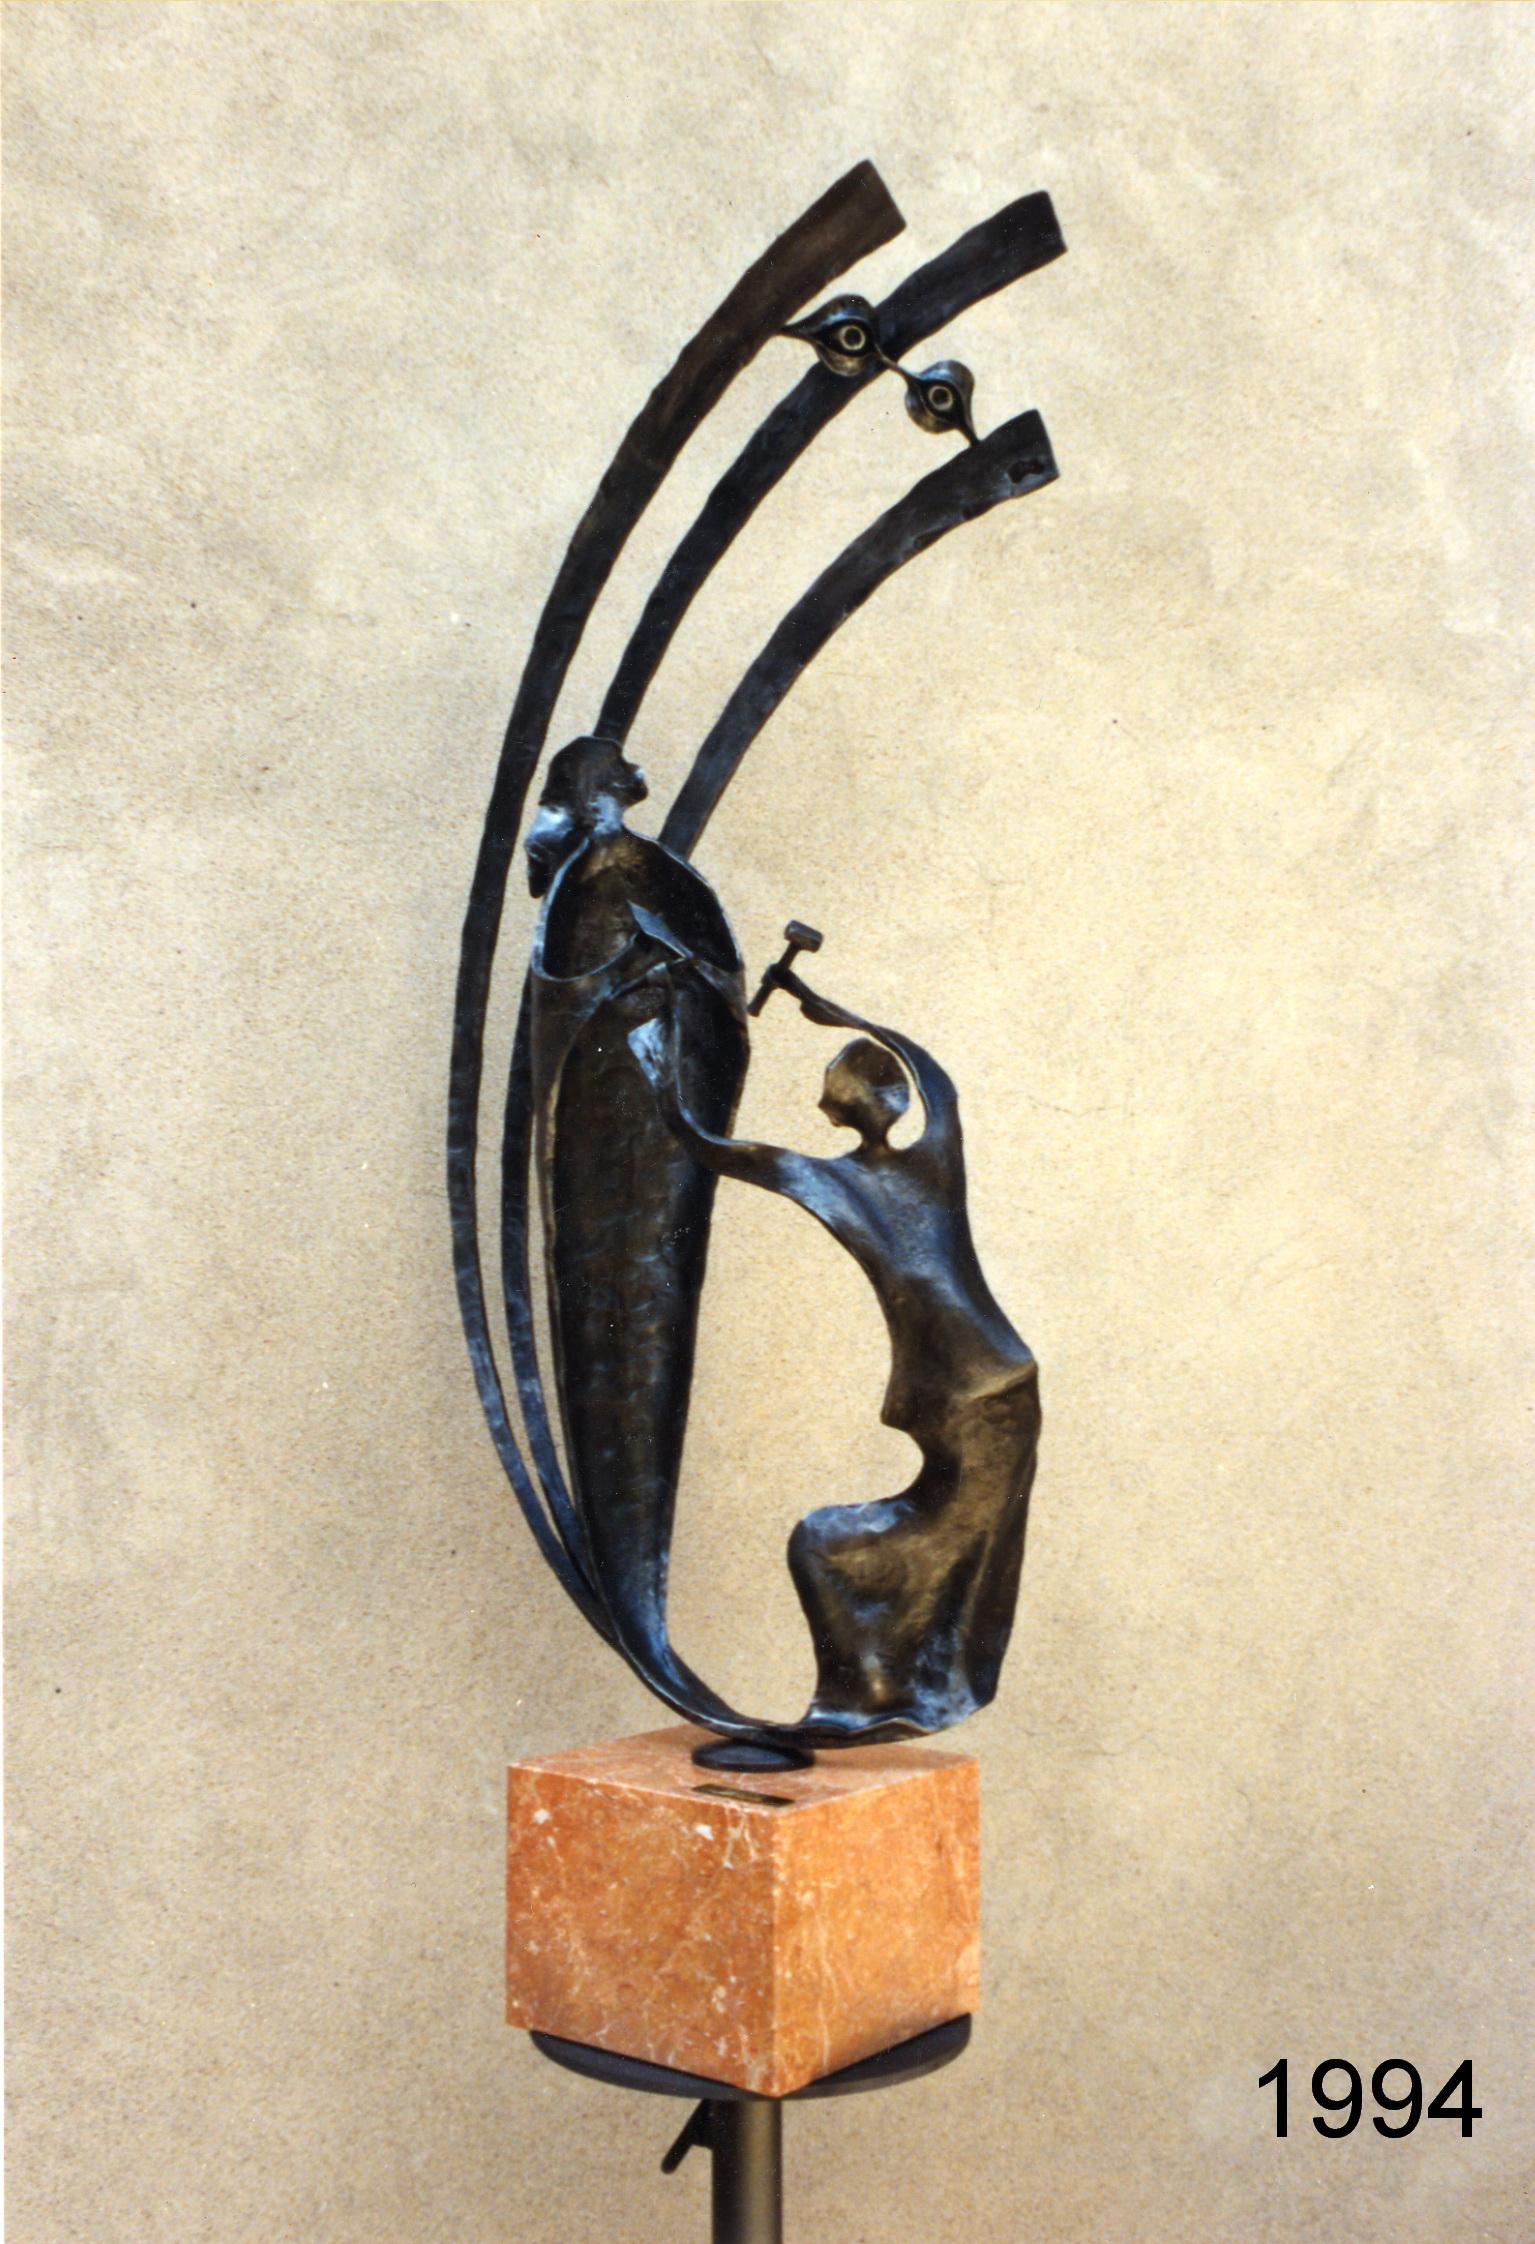 1994 - Beato Fra' Claudio Scultore